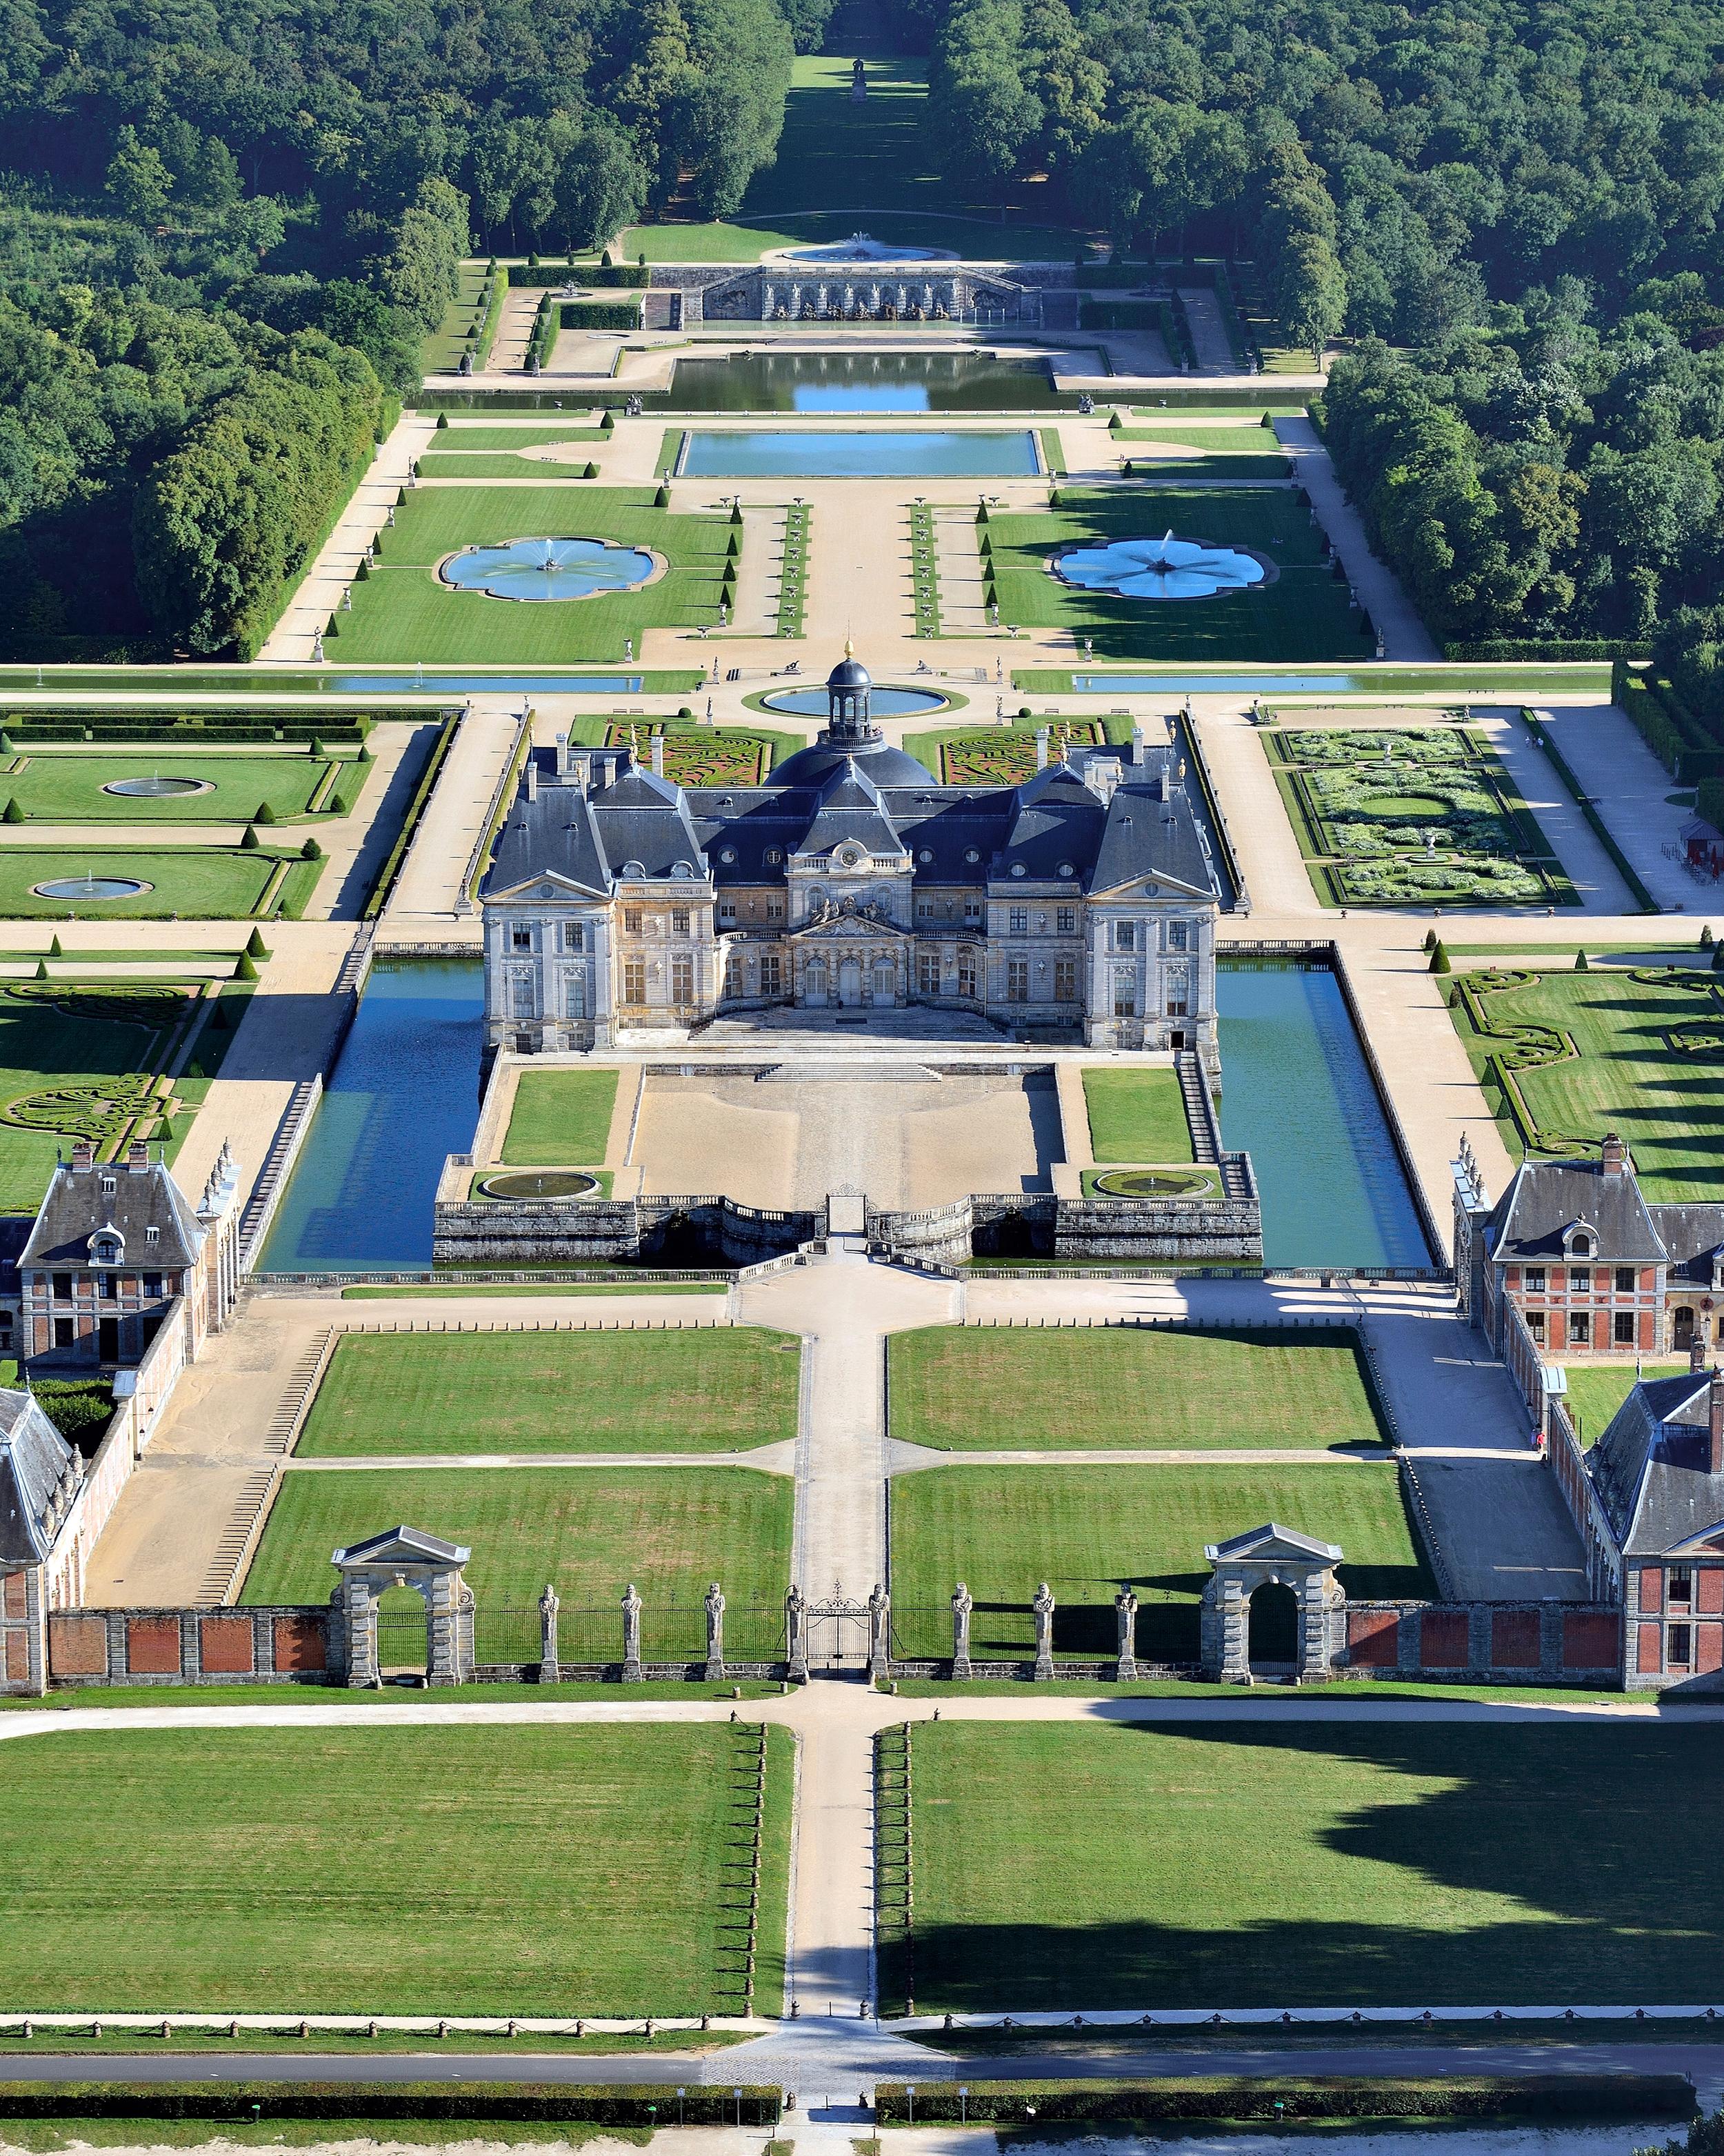 vaux-le-vicomte-chateau-overview-0914.jpg